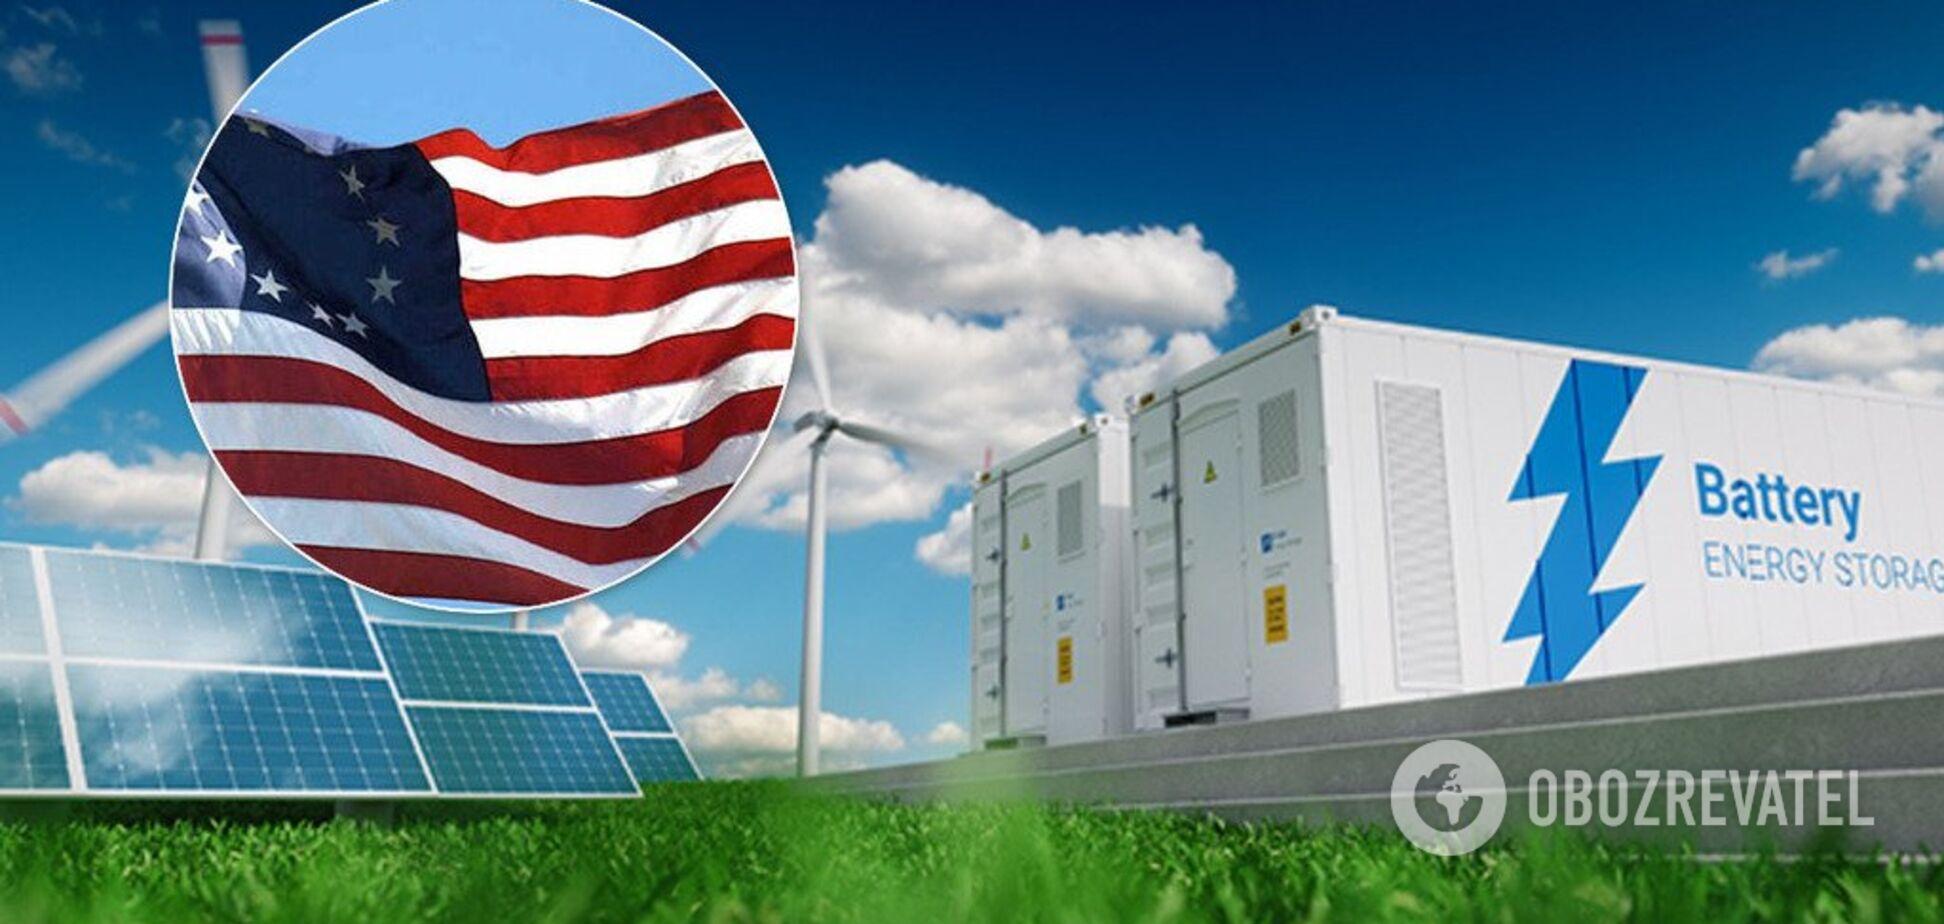 'Зеленые' технологии: чему Украина может поучиться у США